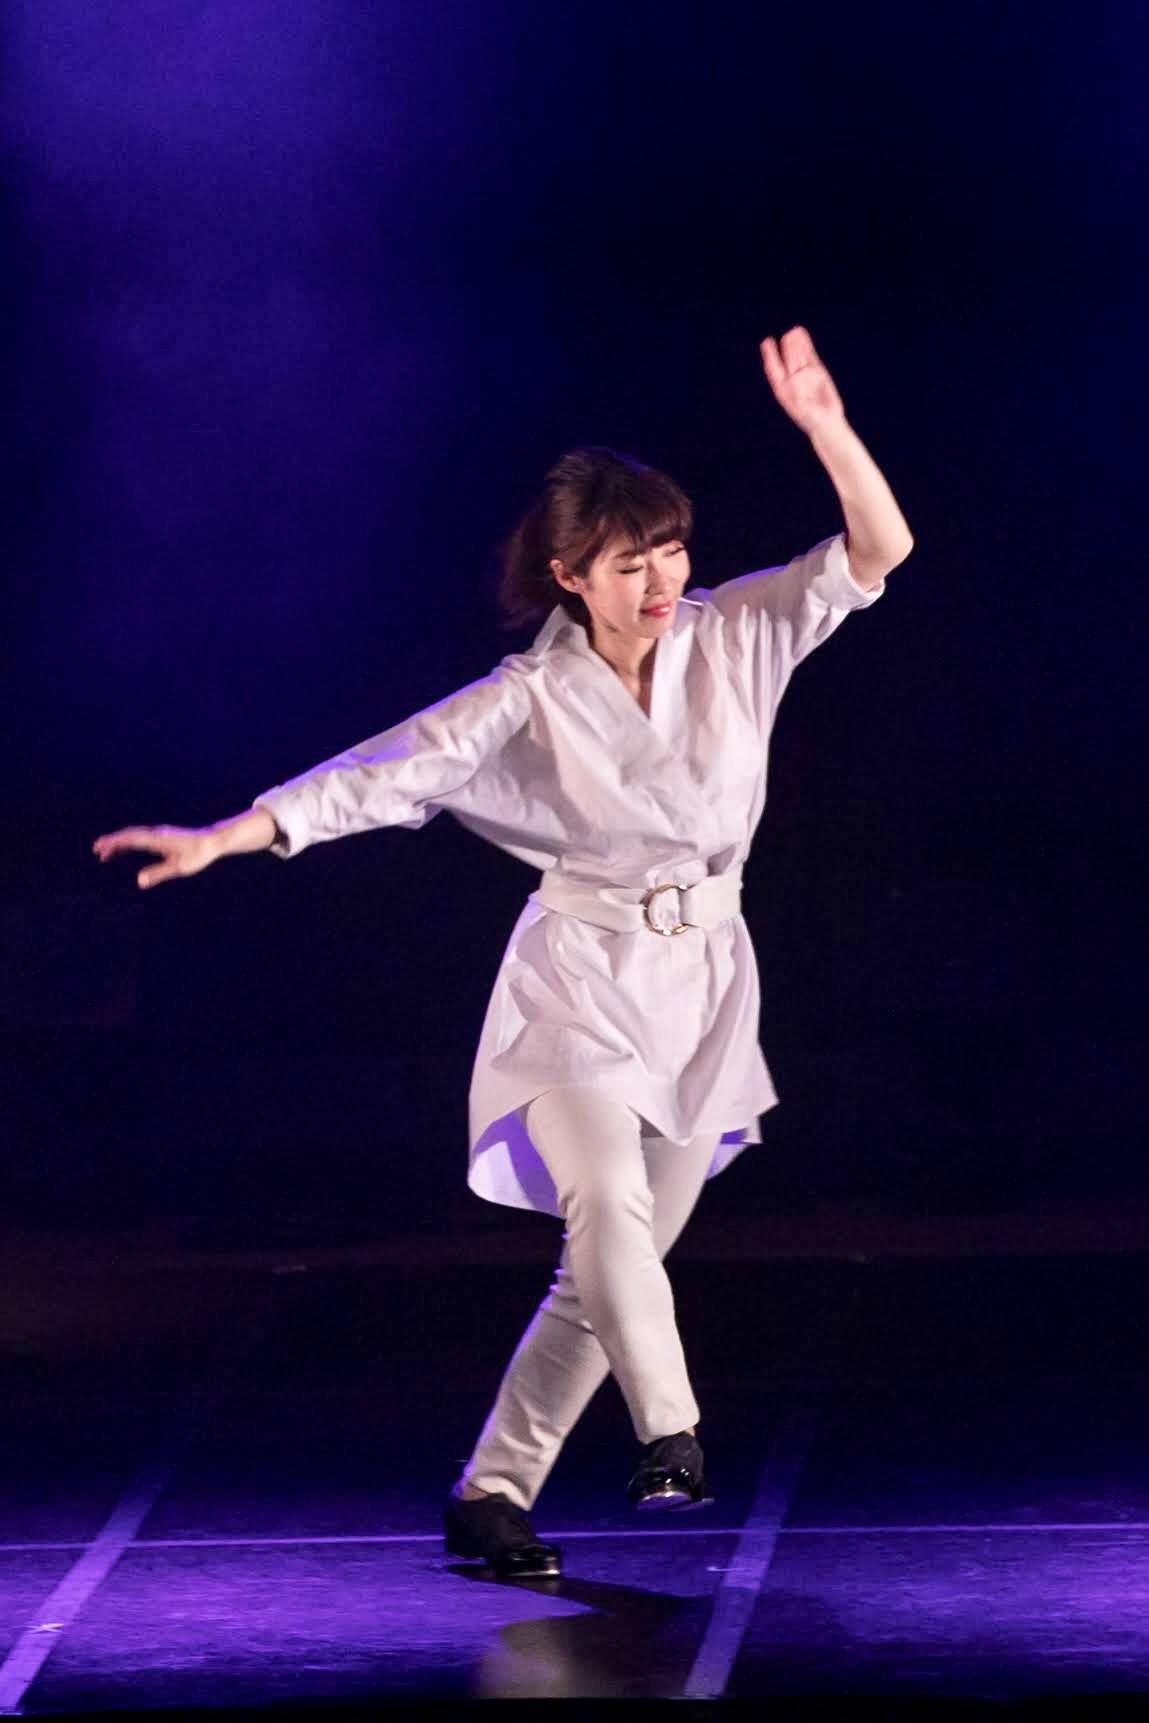 アイリッシュダンス 大阪